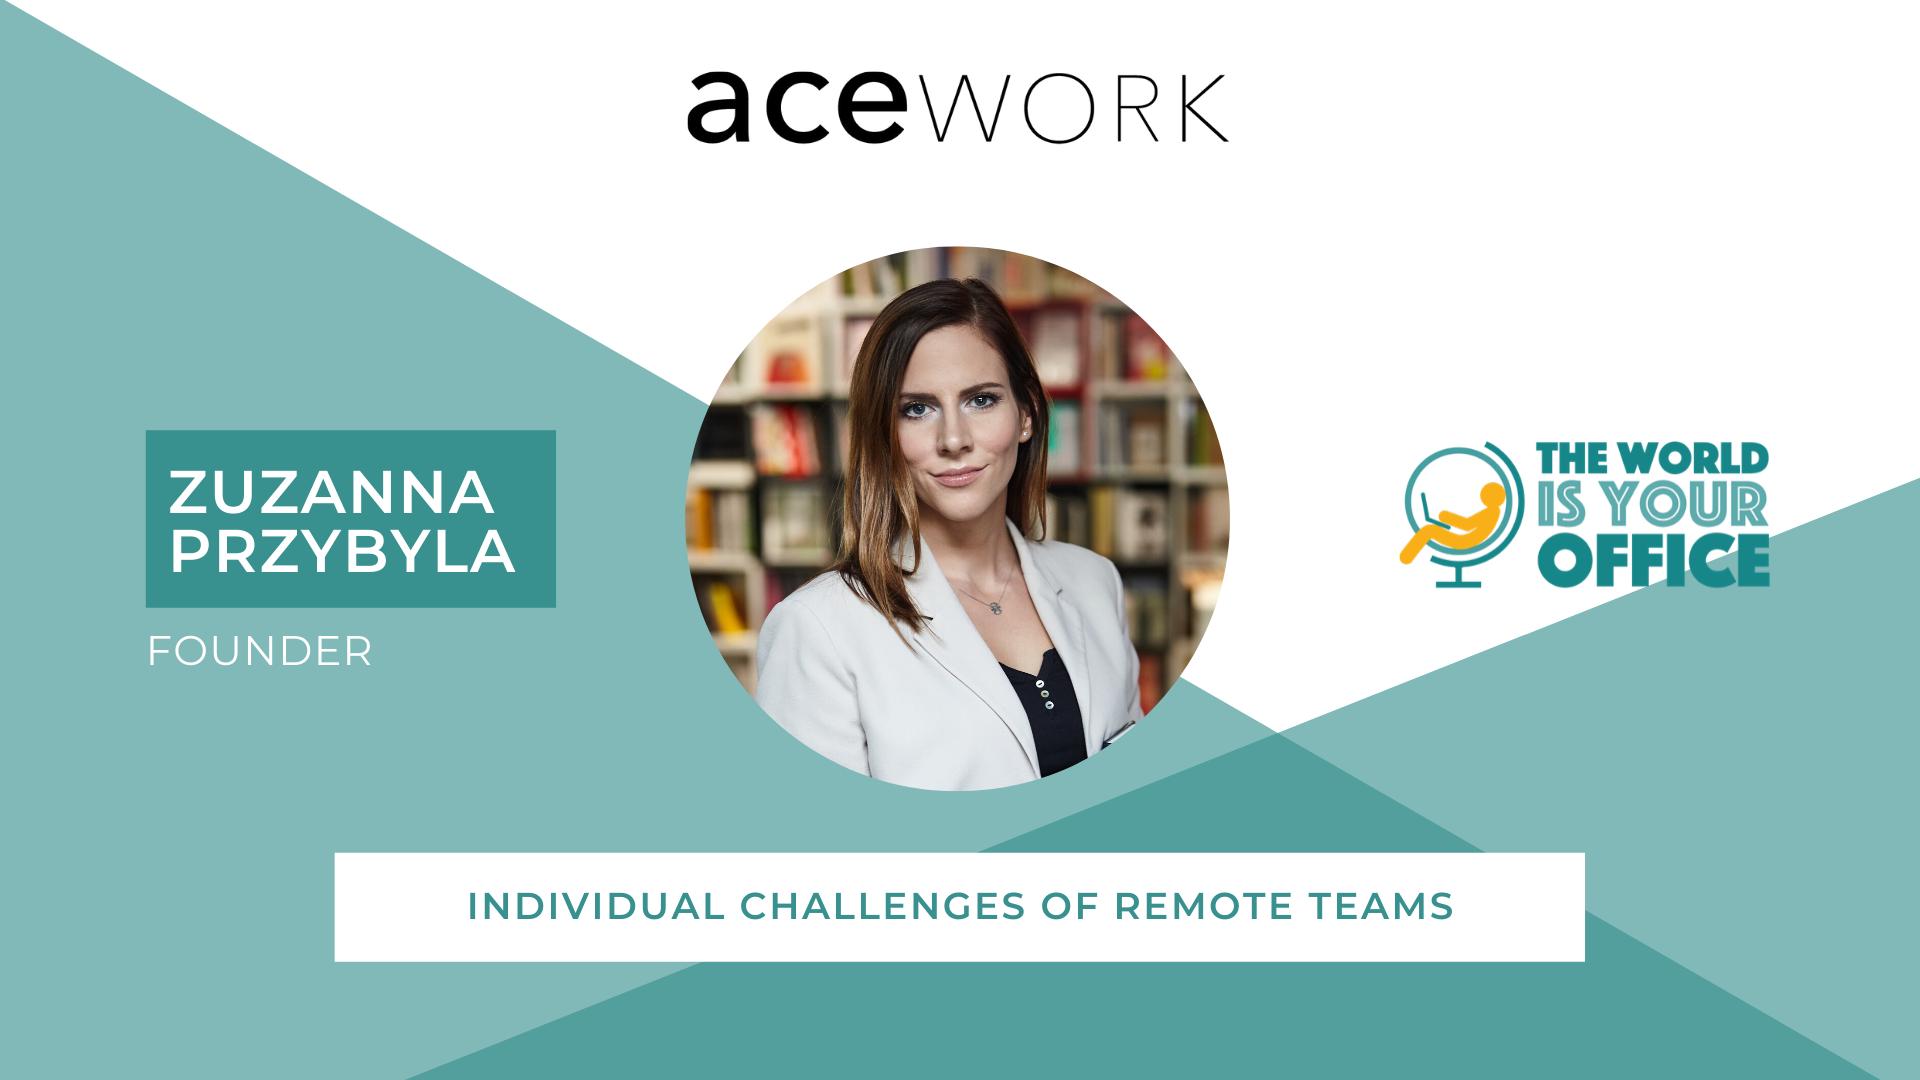 remote team challenges